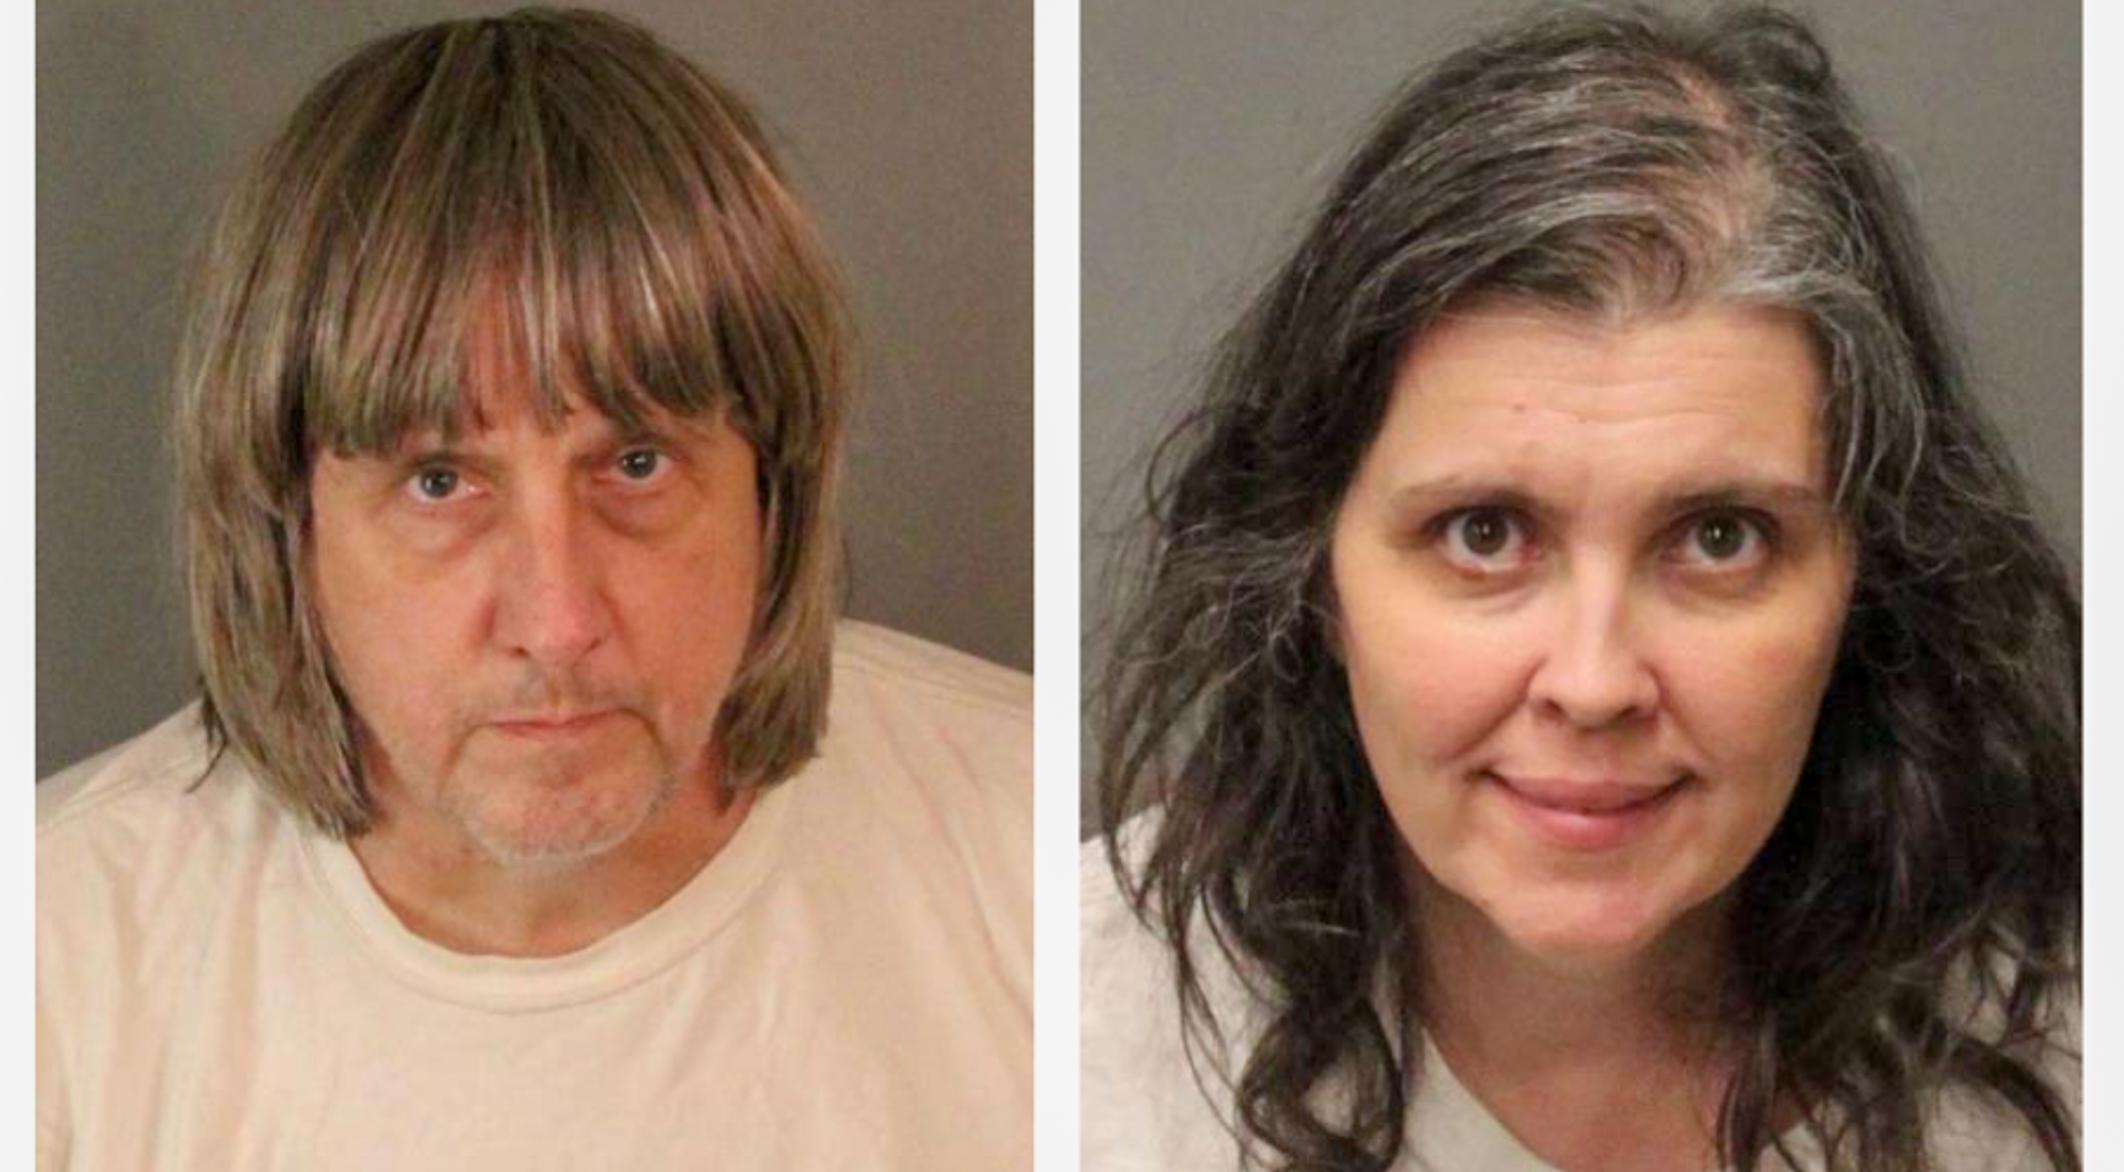 Odrasla djeca kalifornijskog para optužena za okovanje i zlostavljanje svoje 13 djece 'ne ogorčena', kaže odvjetnik